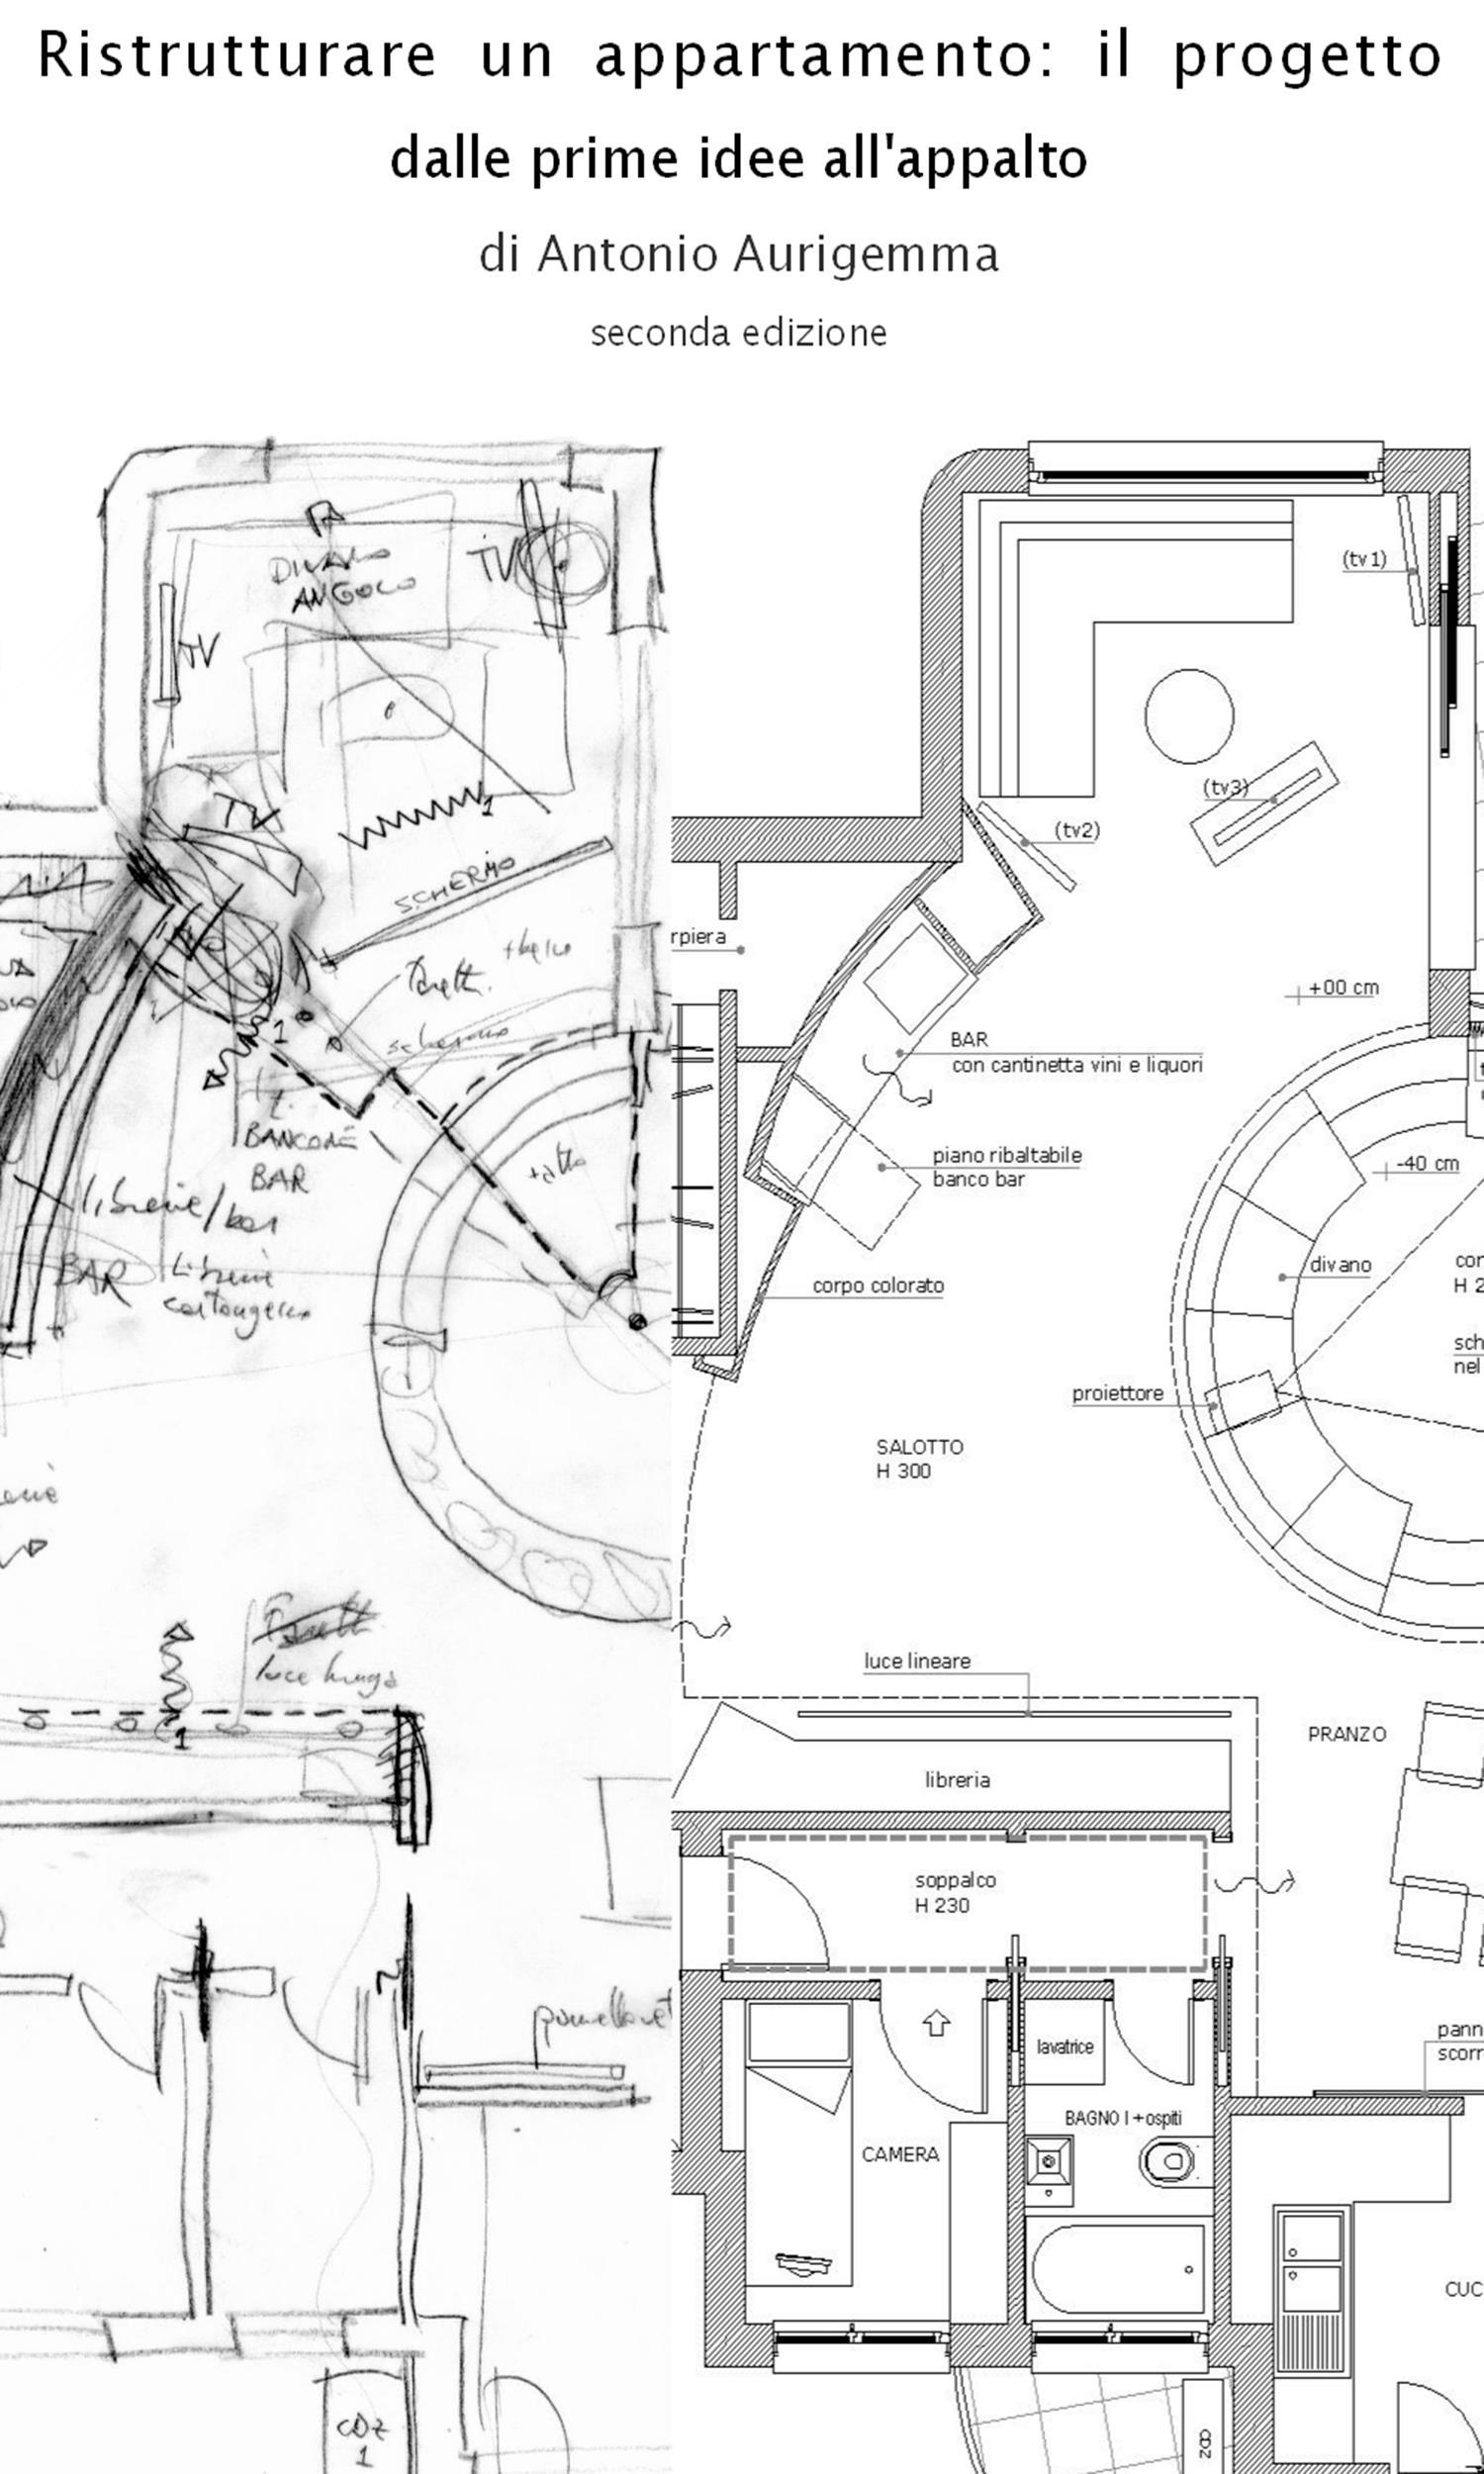 Ristrutturare un appartamento: il progetto